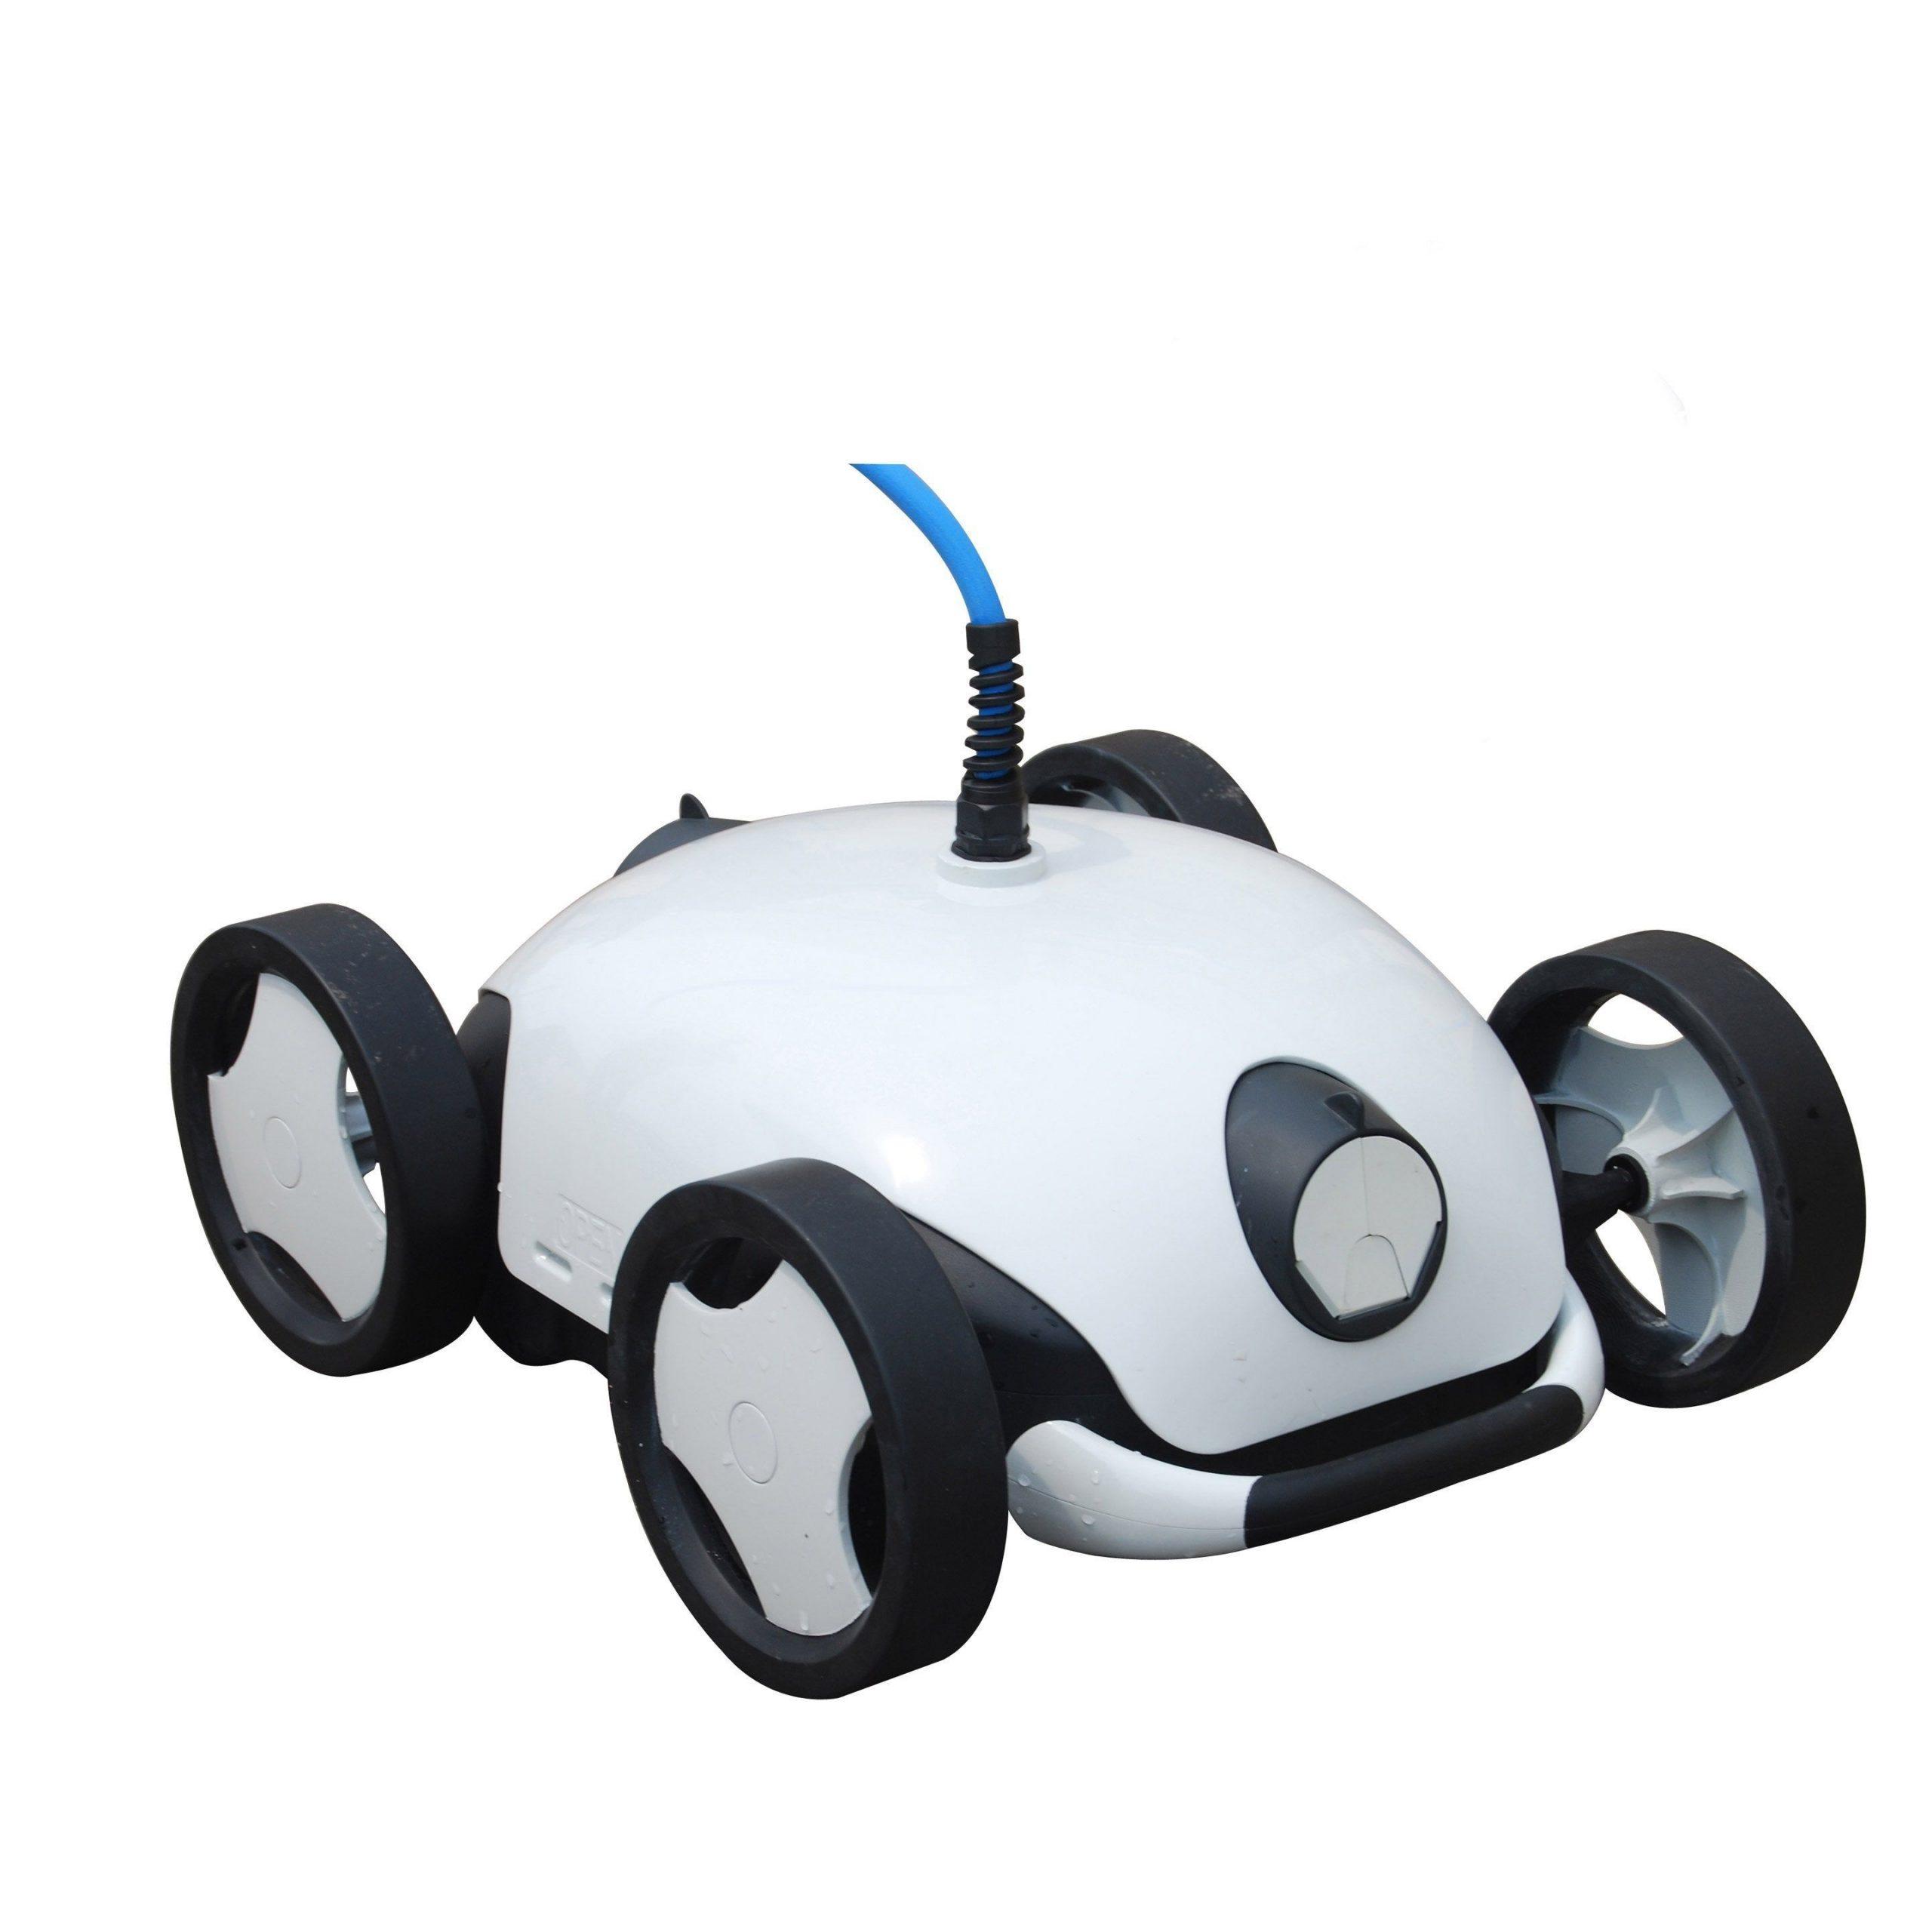 Robot De Piscine Électrique Bestway Falcon Hj1007 | Robot De ... concernant Robot Piscine Leroy Merlin